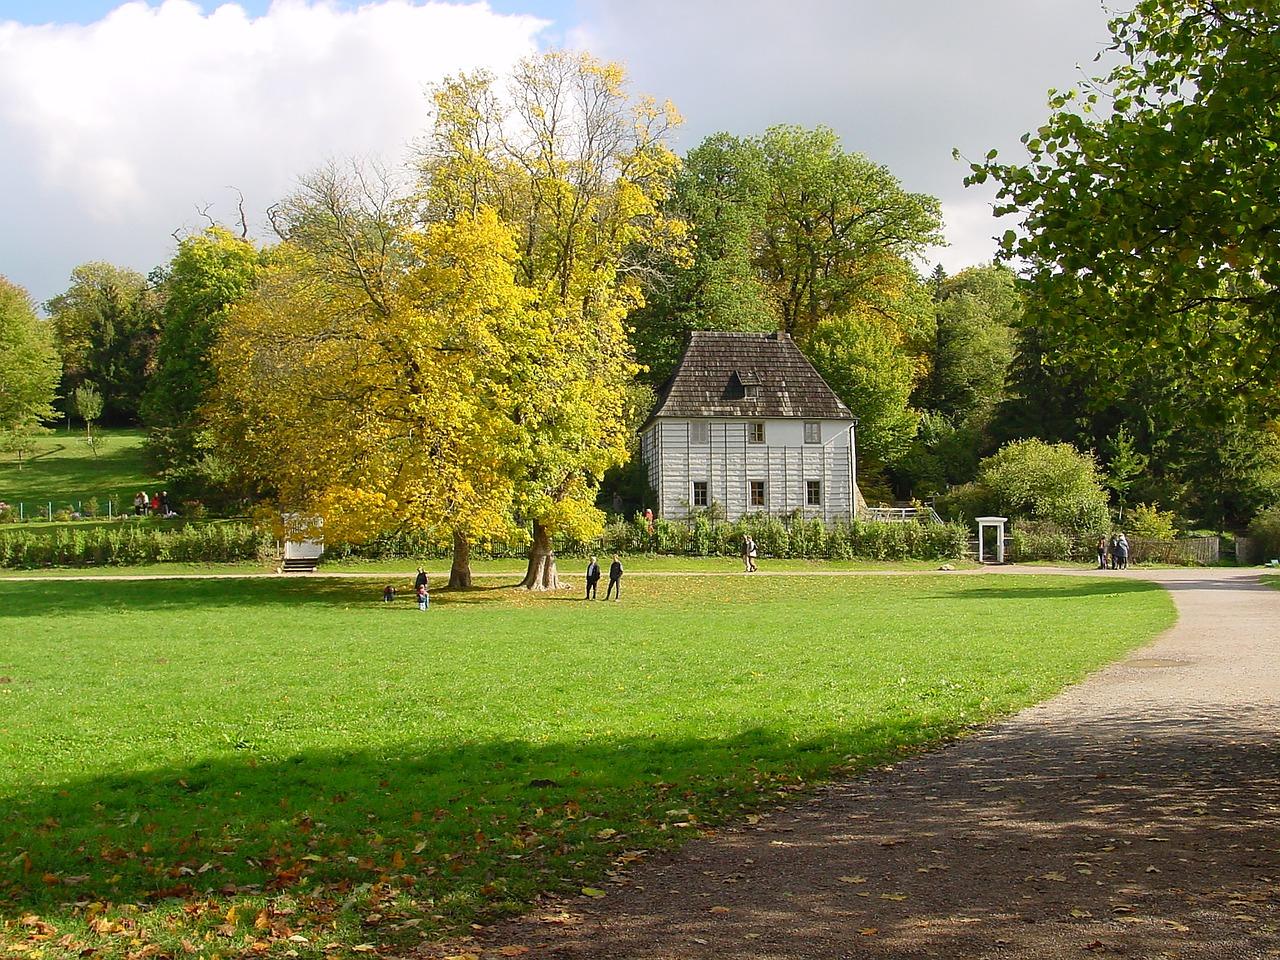 Домик в парке картинка